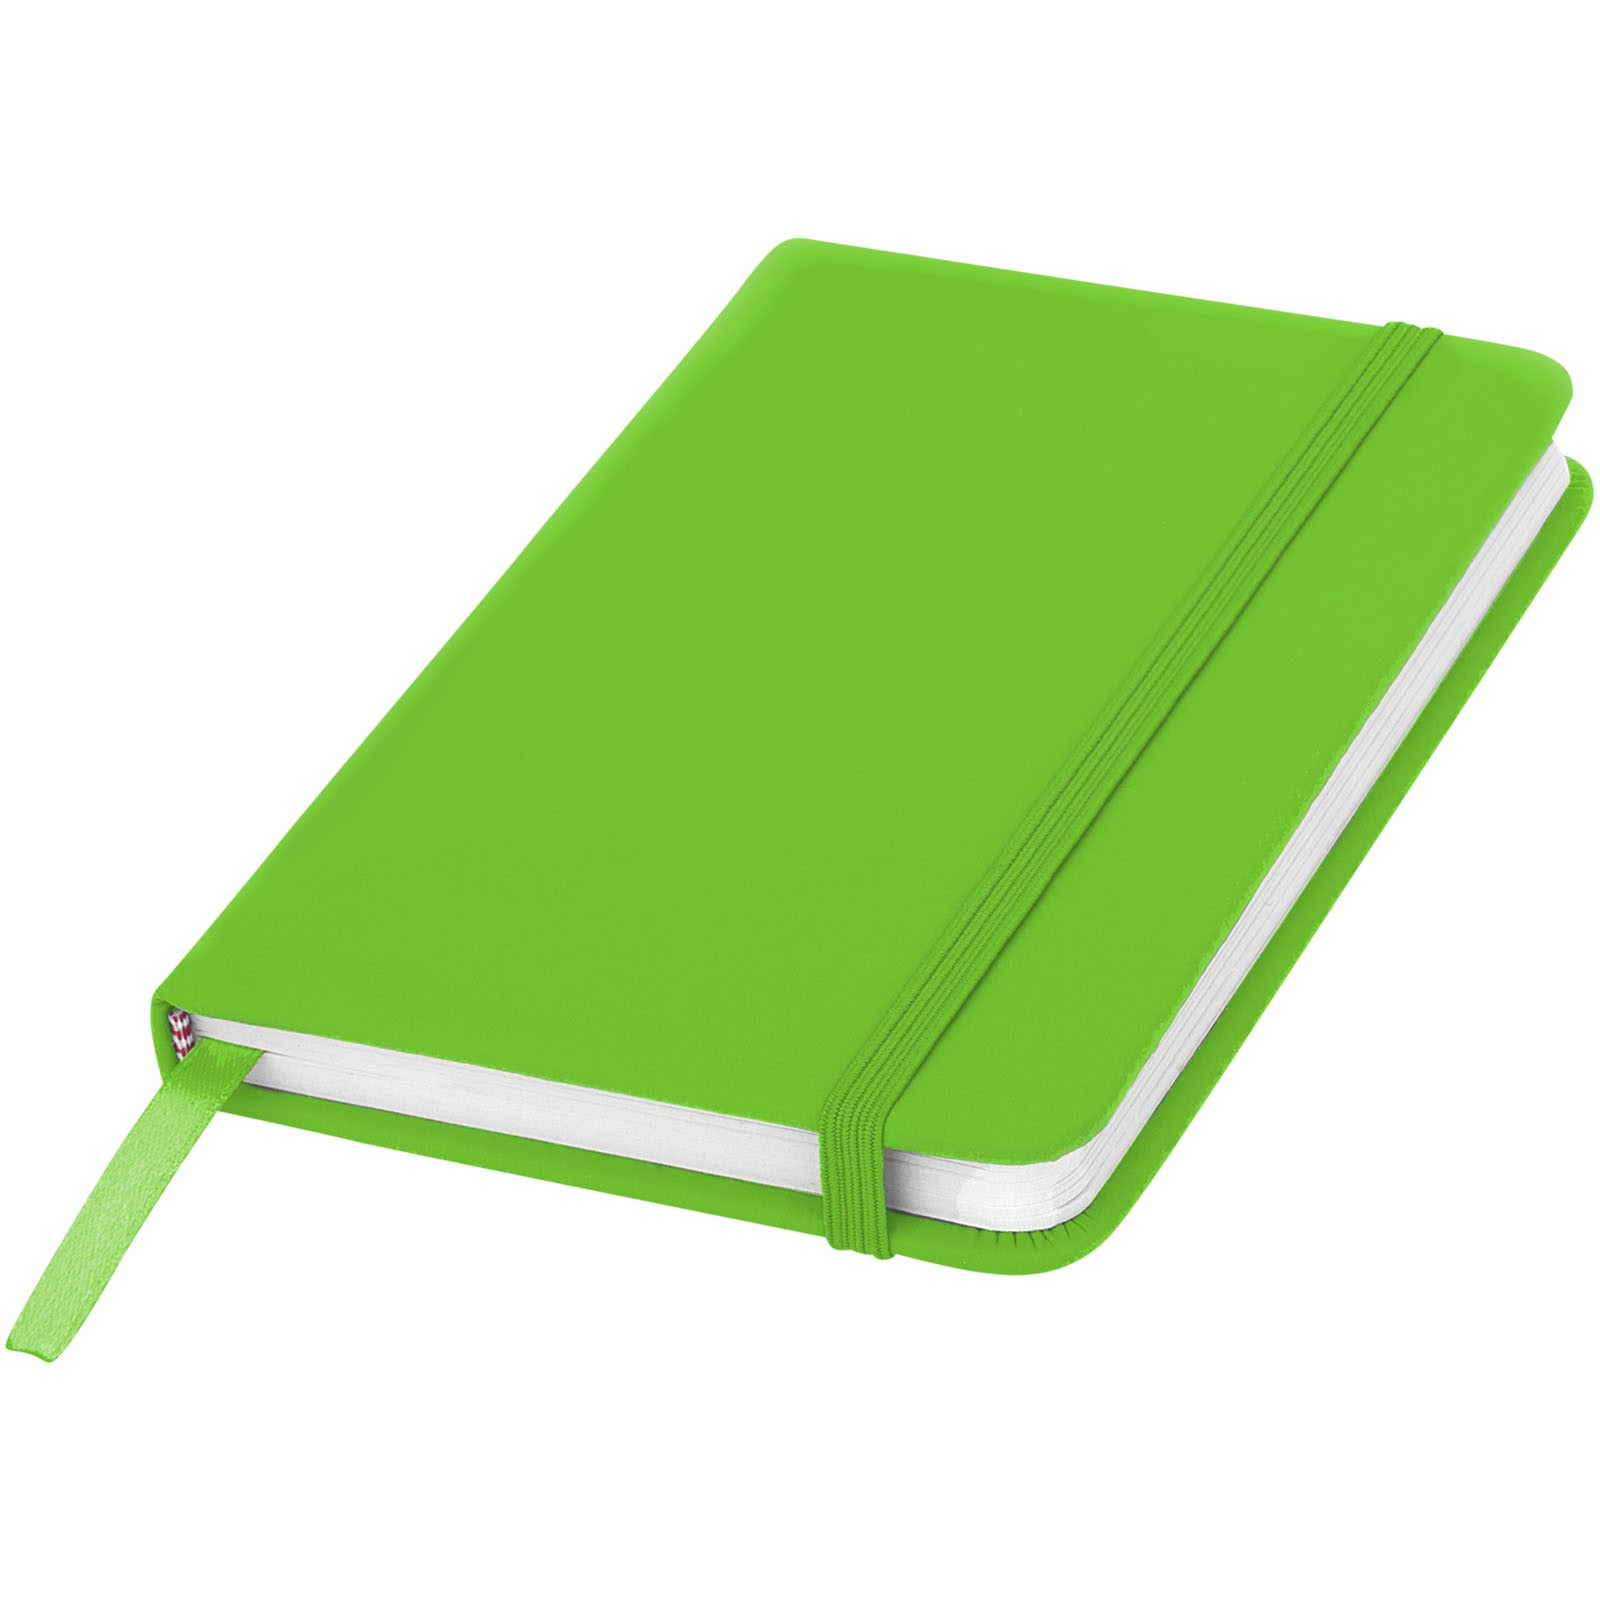 Zápisník s pevnou obálkou A6 Spectrum - Limetkově zelená